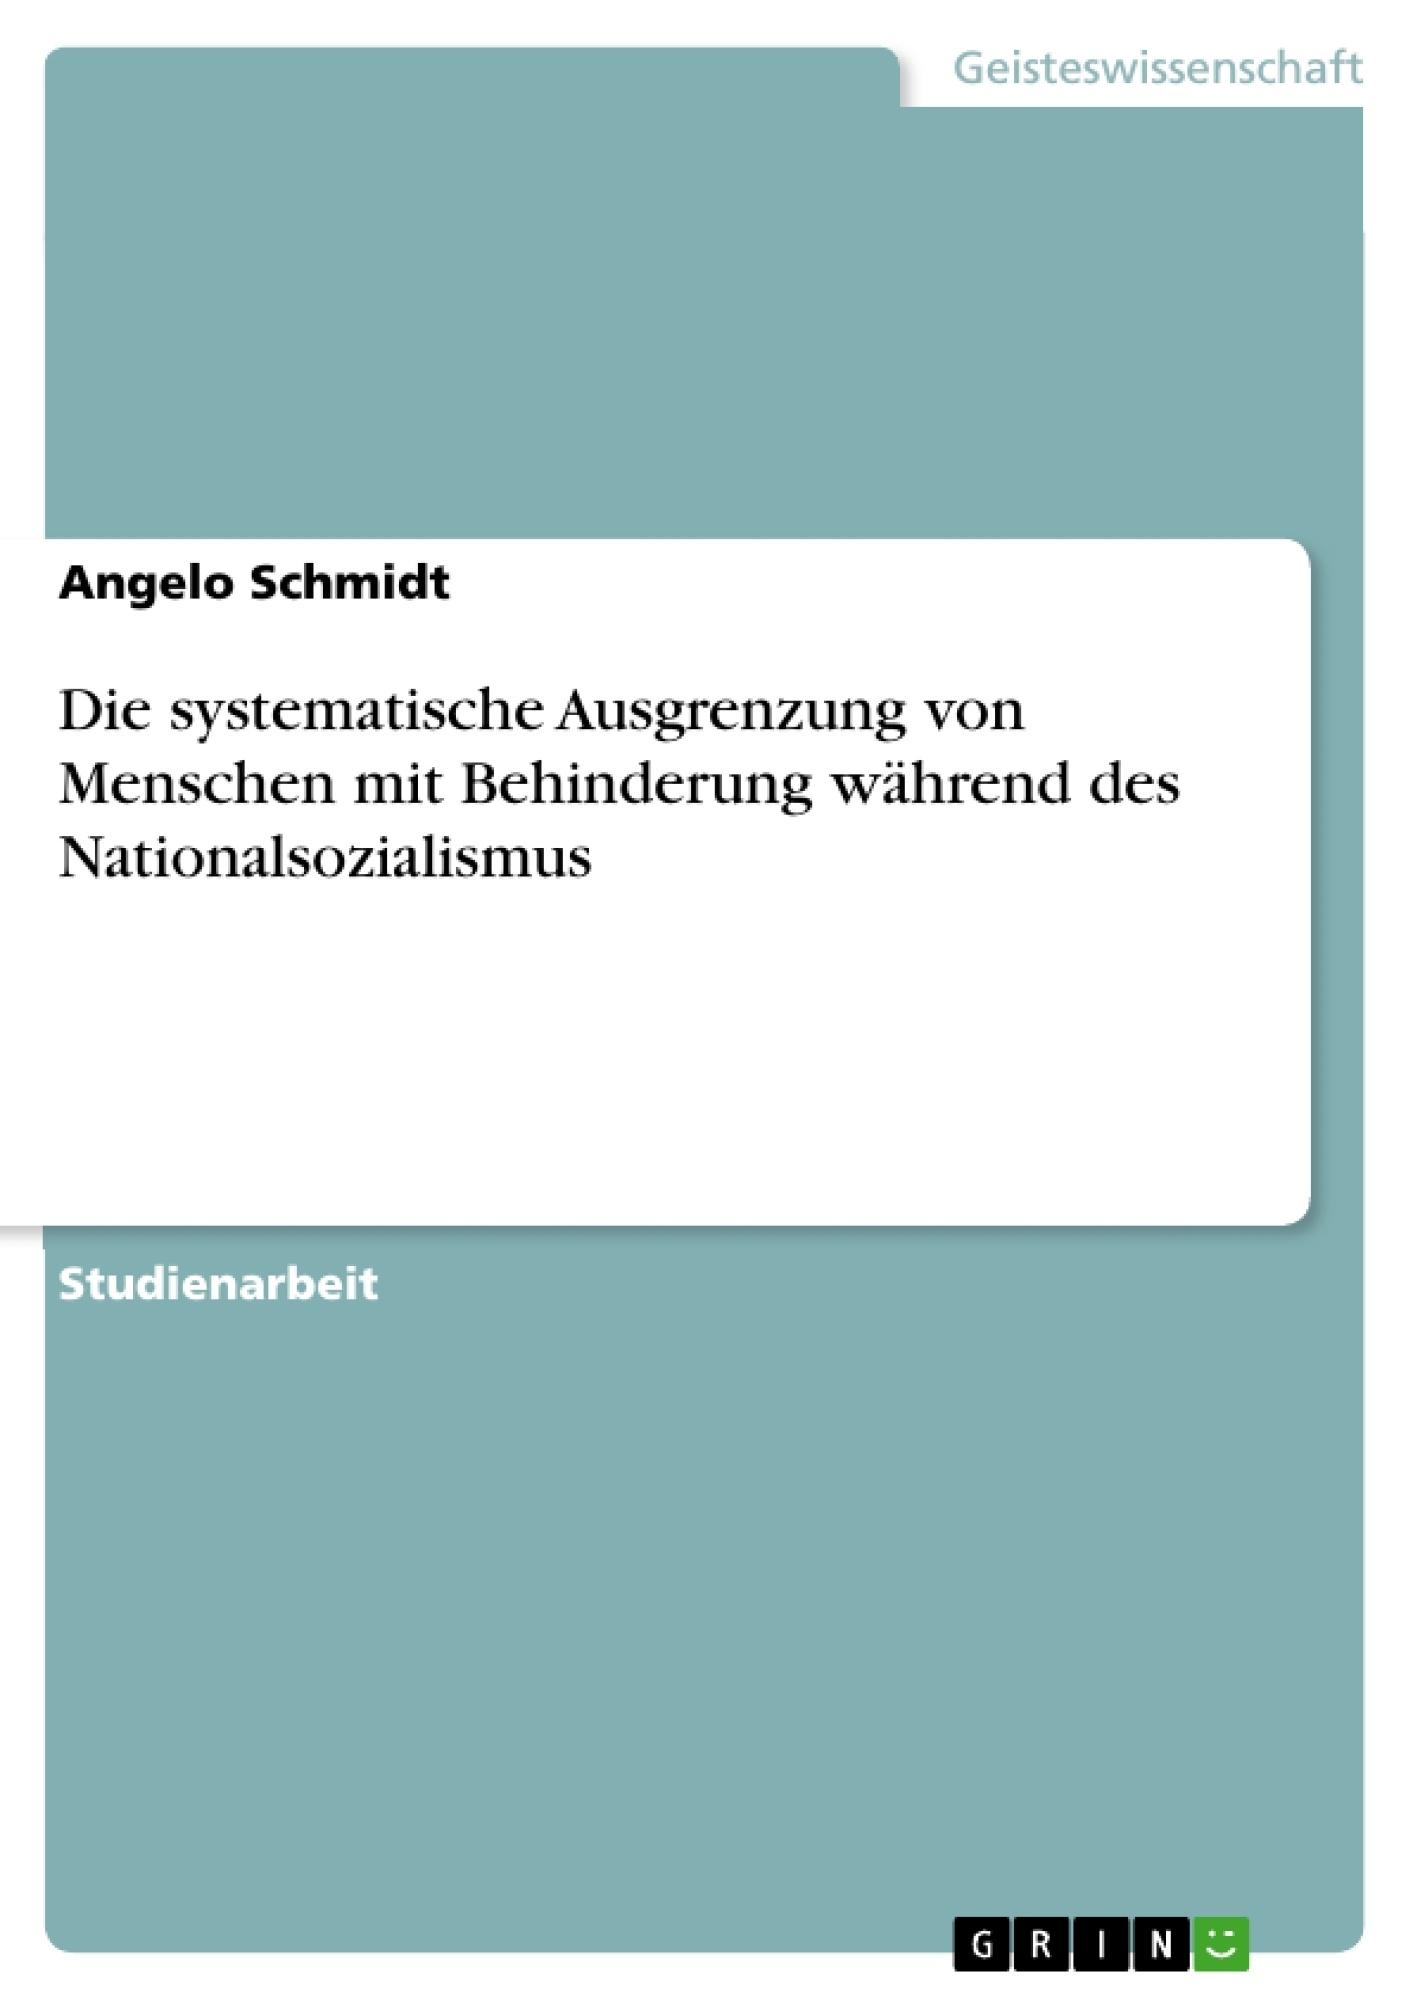 Titel: Die systematische Ausgrenzung von Menschen mit Behinderung während des Nationalsozialismus